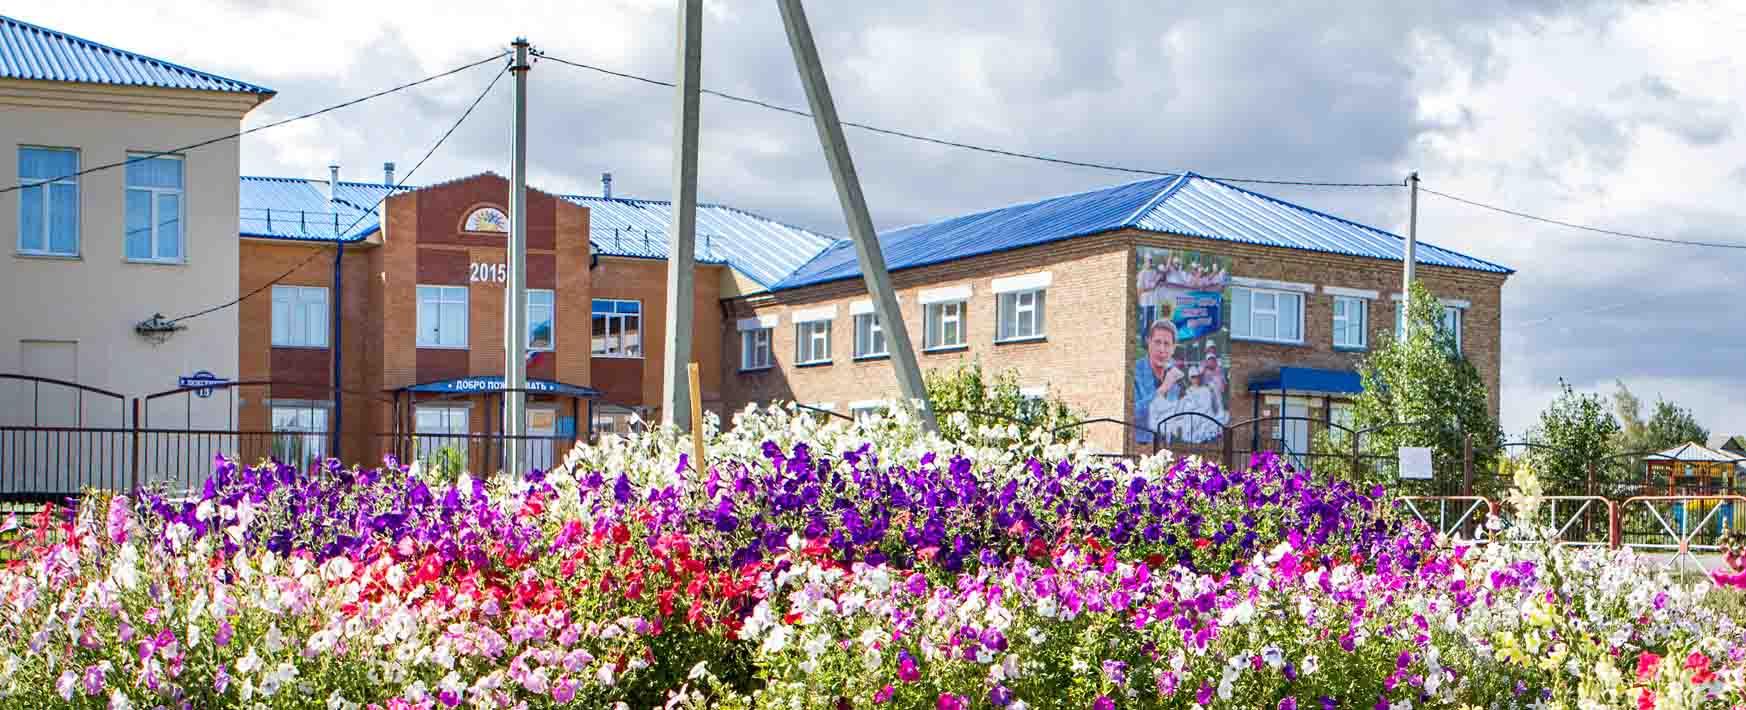 Город купино новосибирской области фото